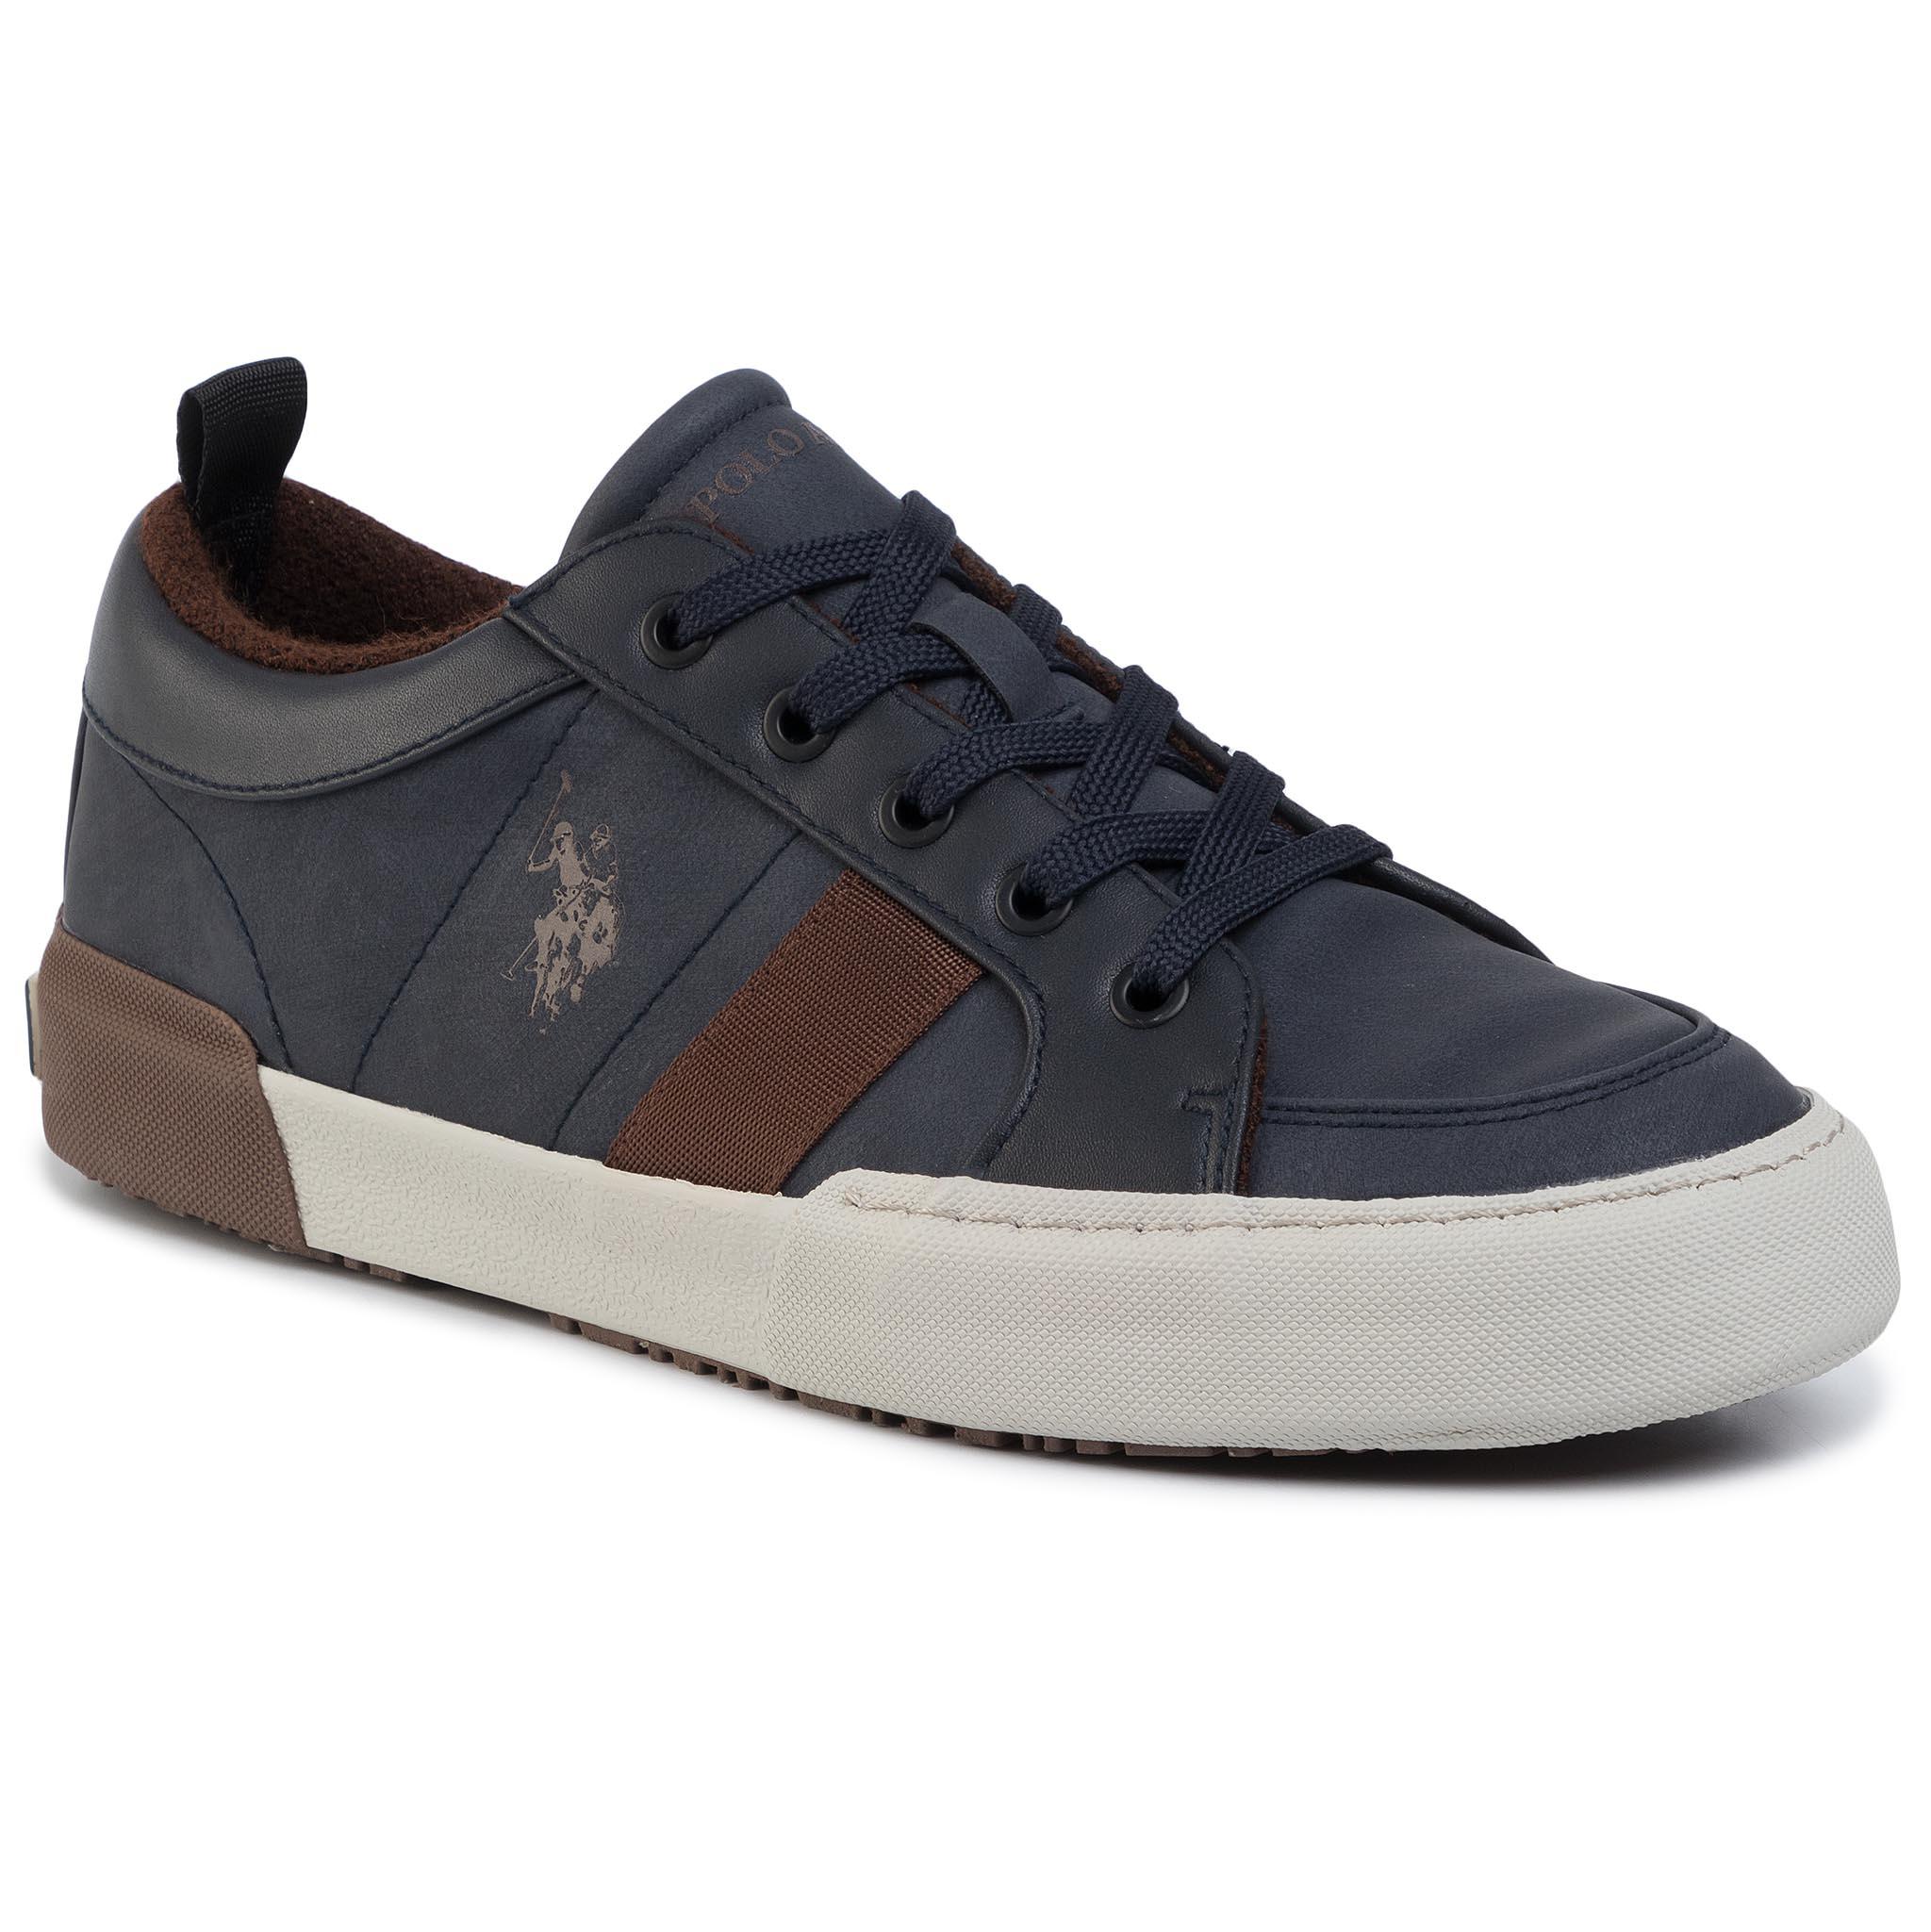 Sportcipő U.S. POLO ASSN. - Roydon ARMAN7100W9/CY1 Navy - Sneakers - Félcipő - Férfi